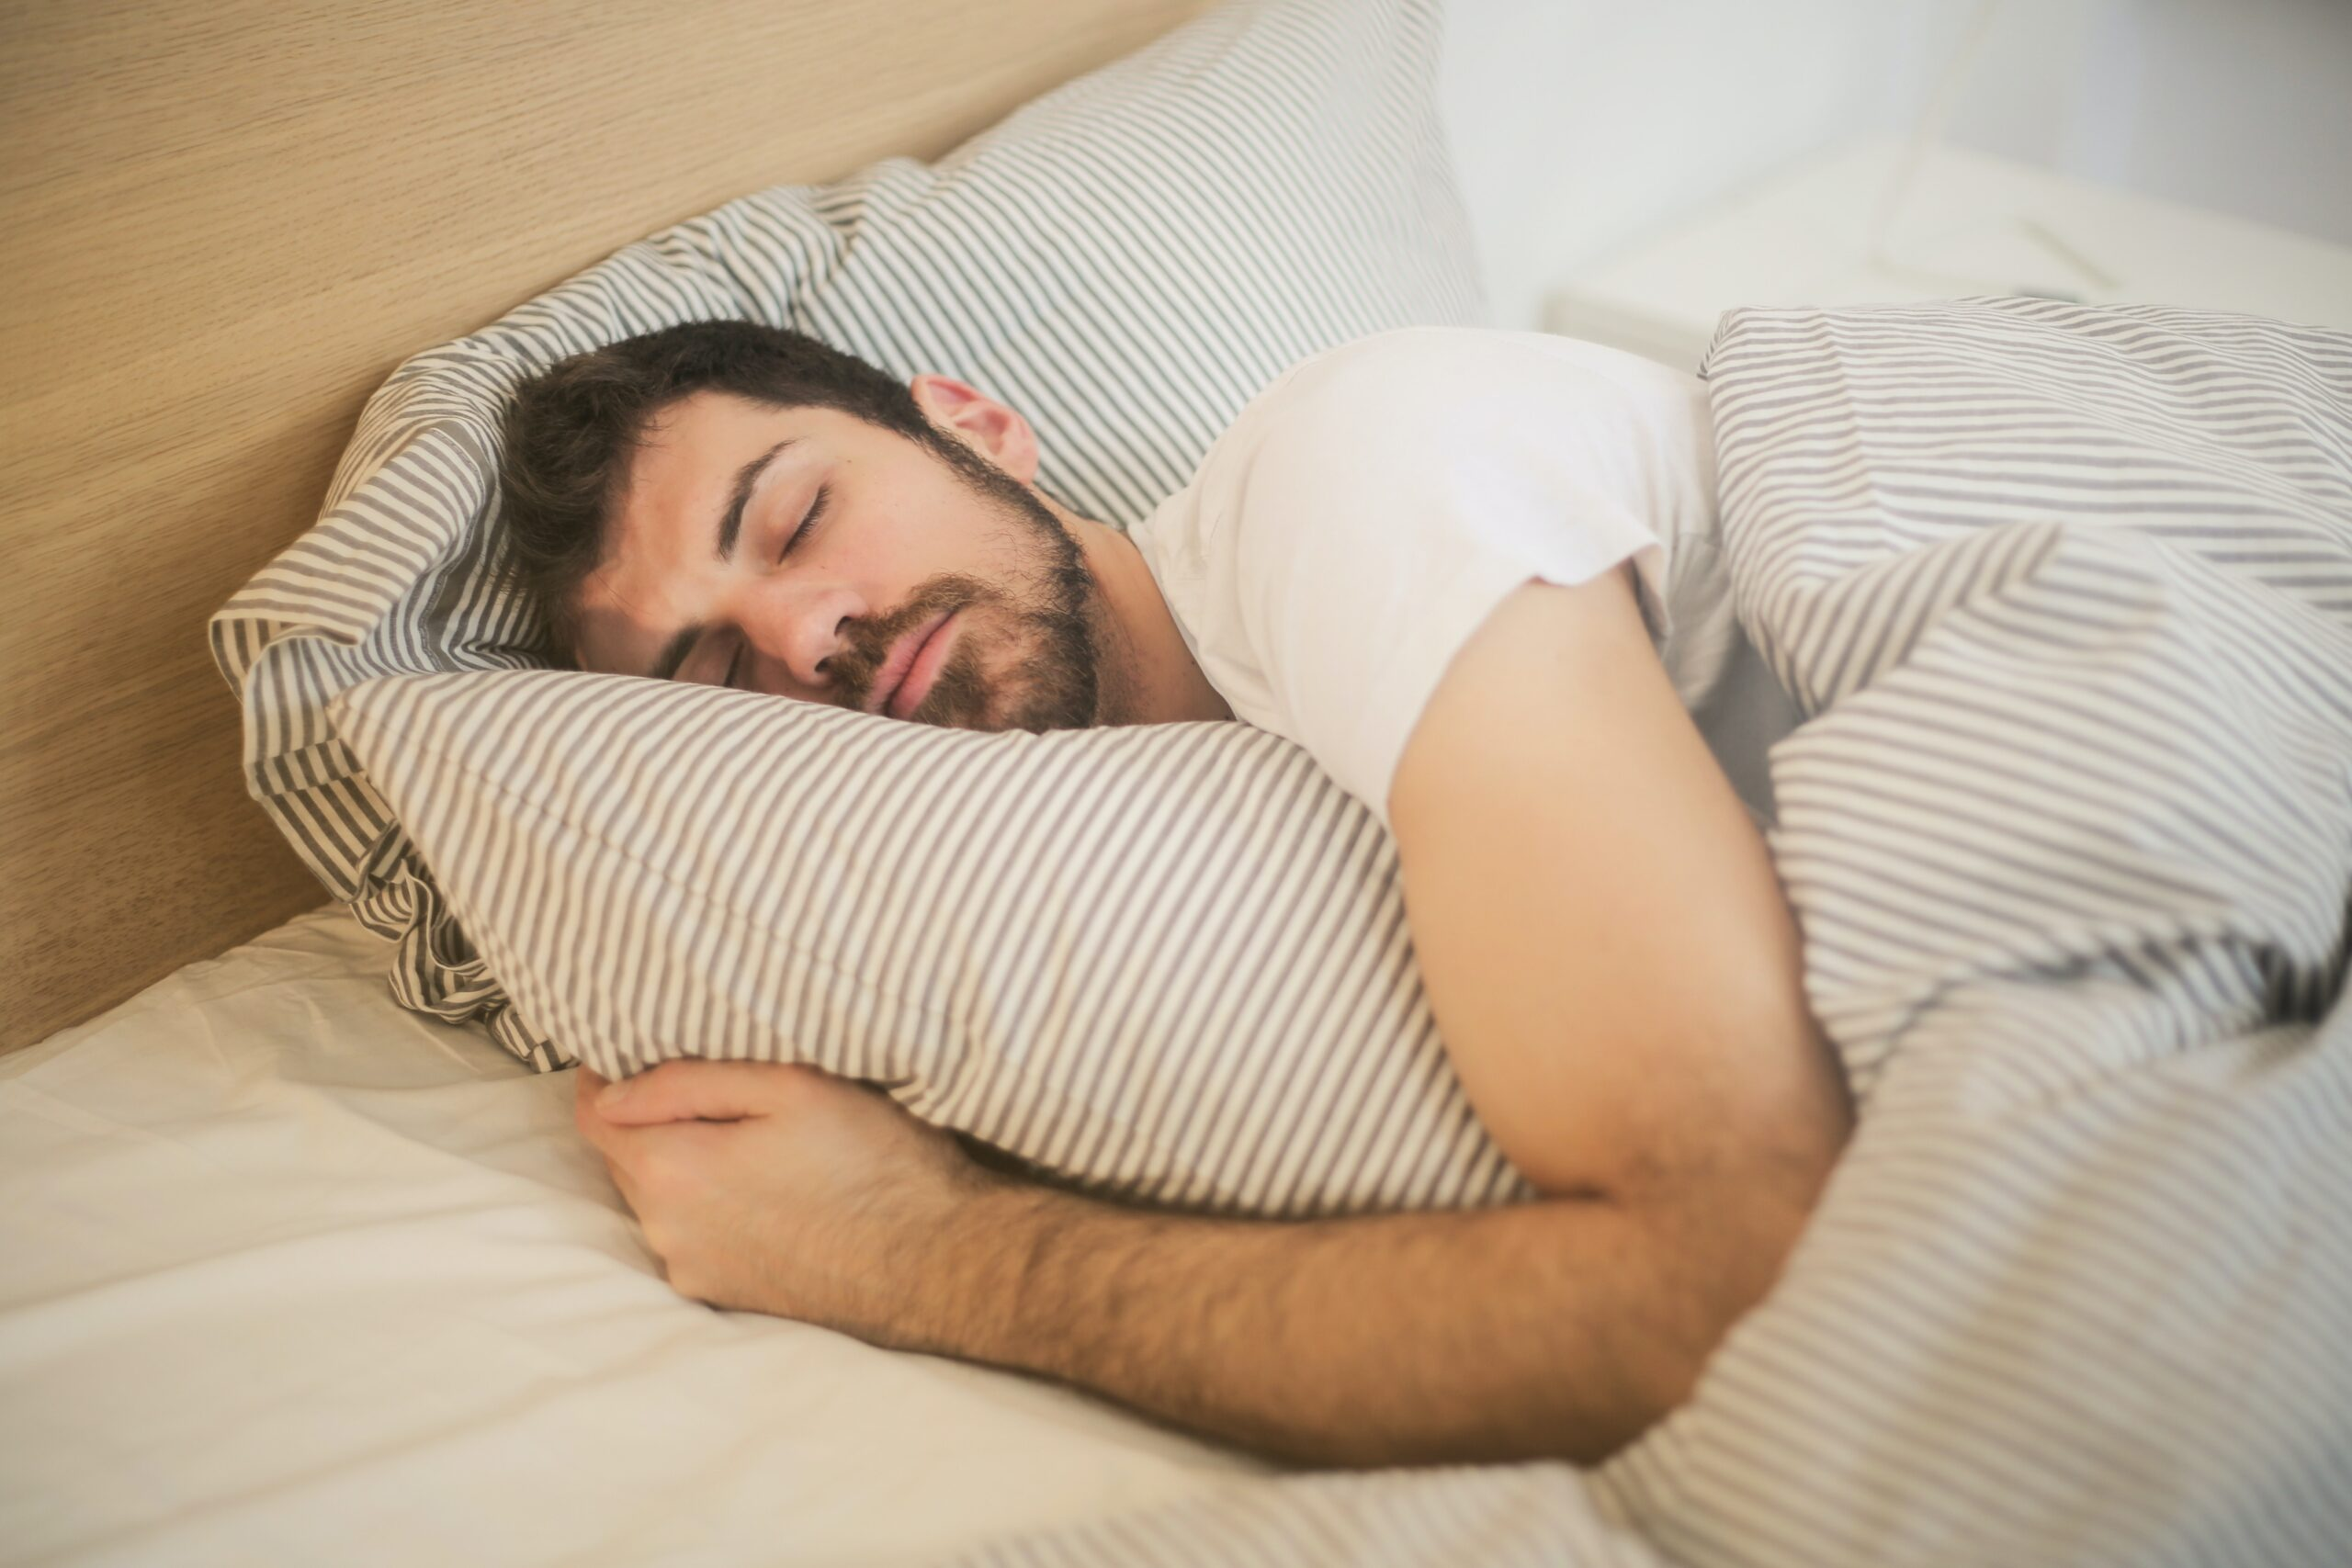 Healthy sleep habits: